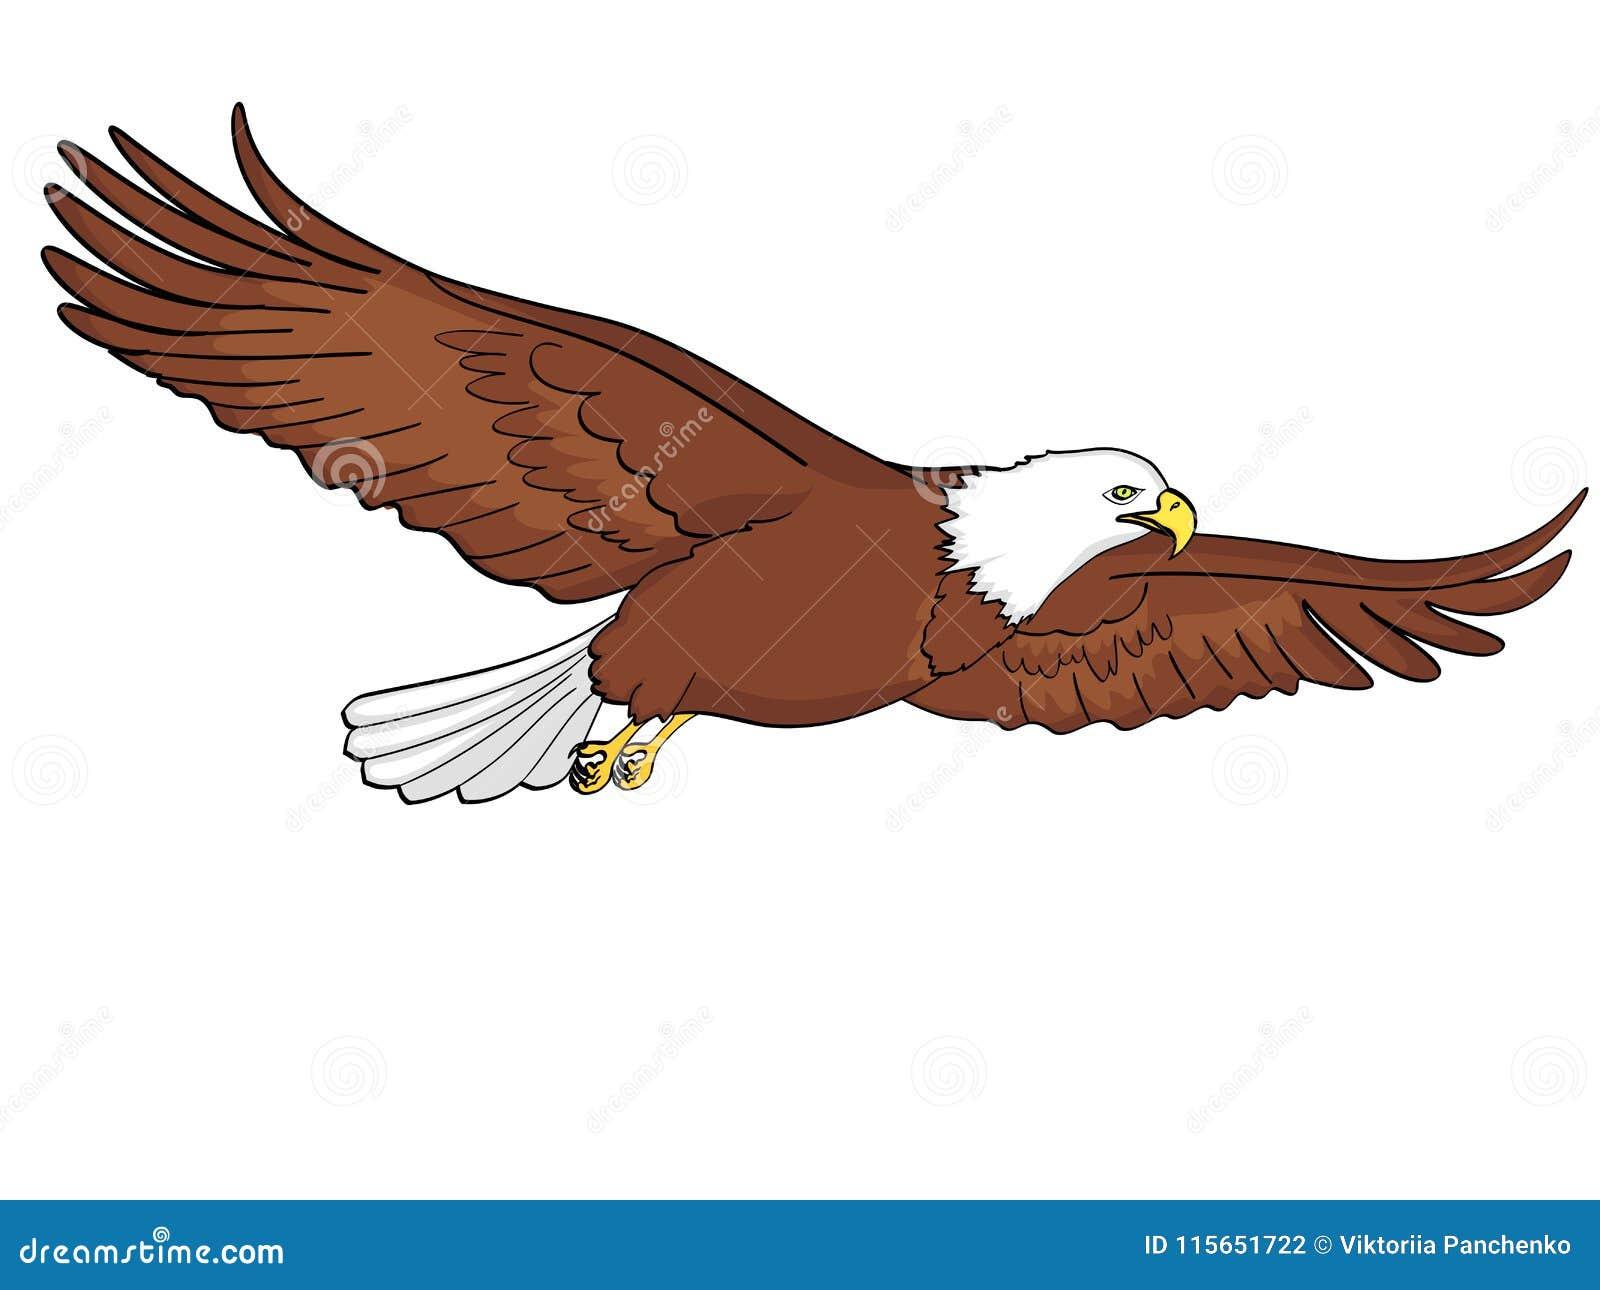 鸟老鹰,猎鹰 一个仿制减速火箭的可笑的样式的传染媒介 背景剪报查出的对象路径白色